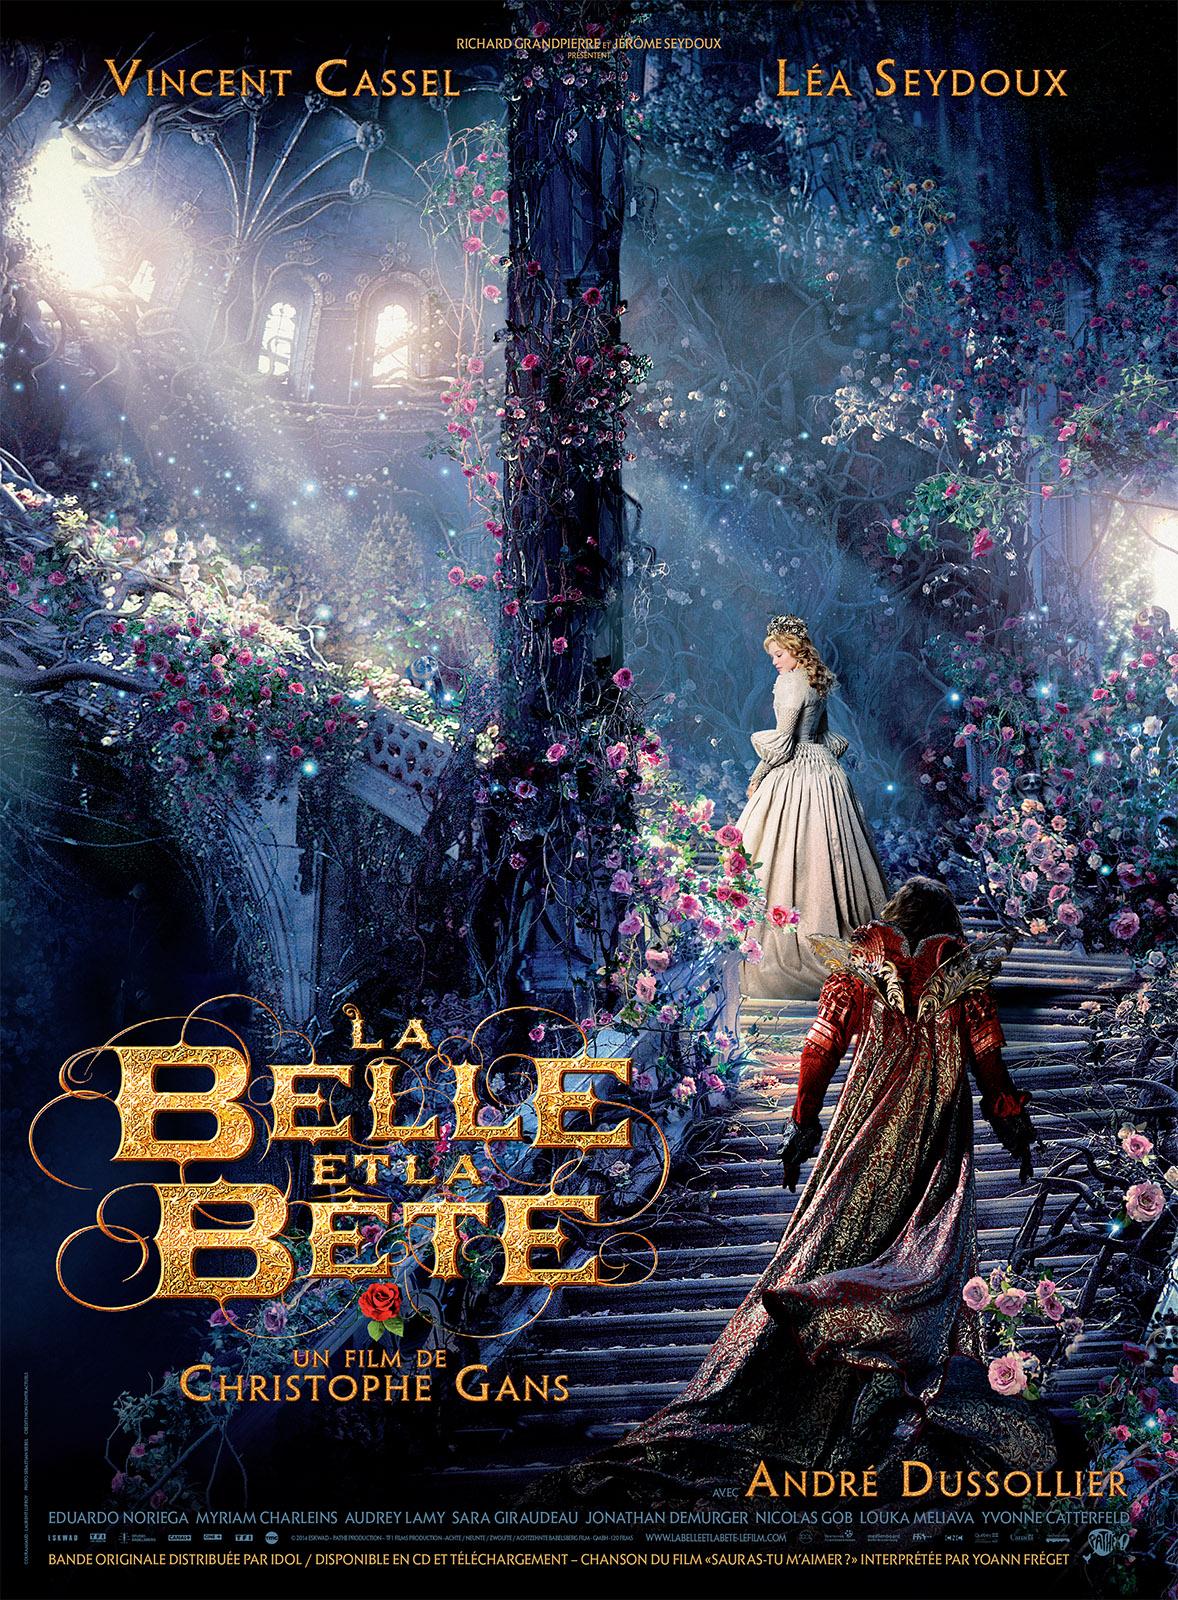 La Belle et la Bête - Vernius